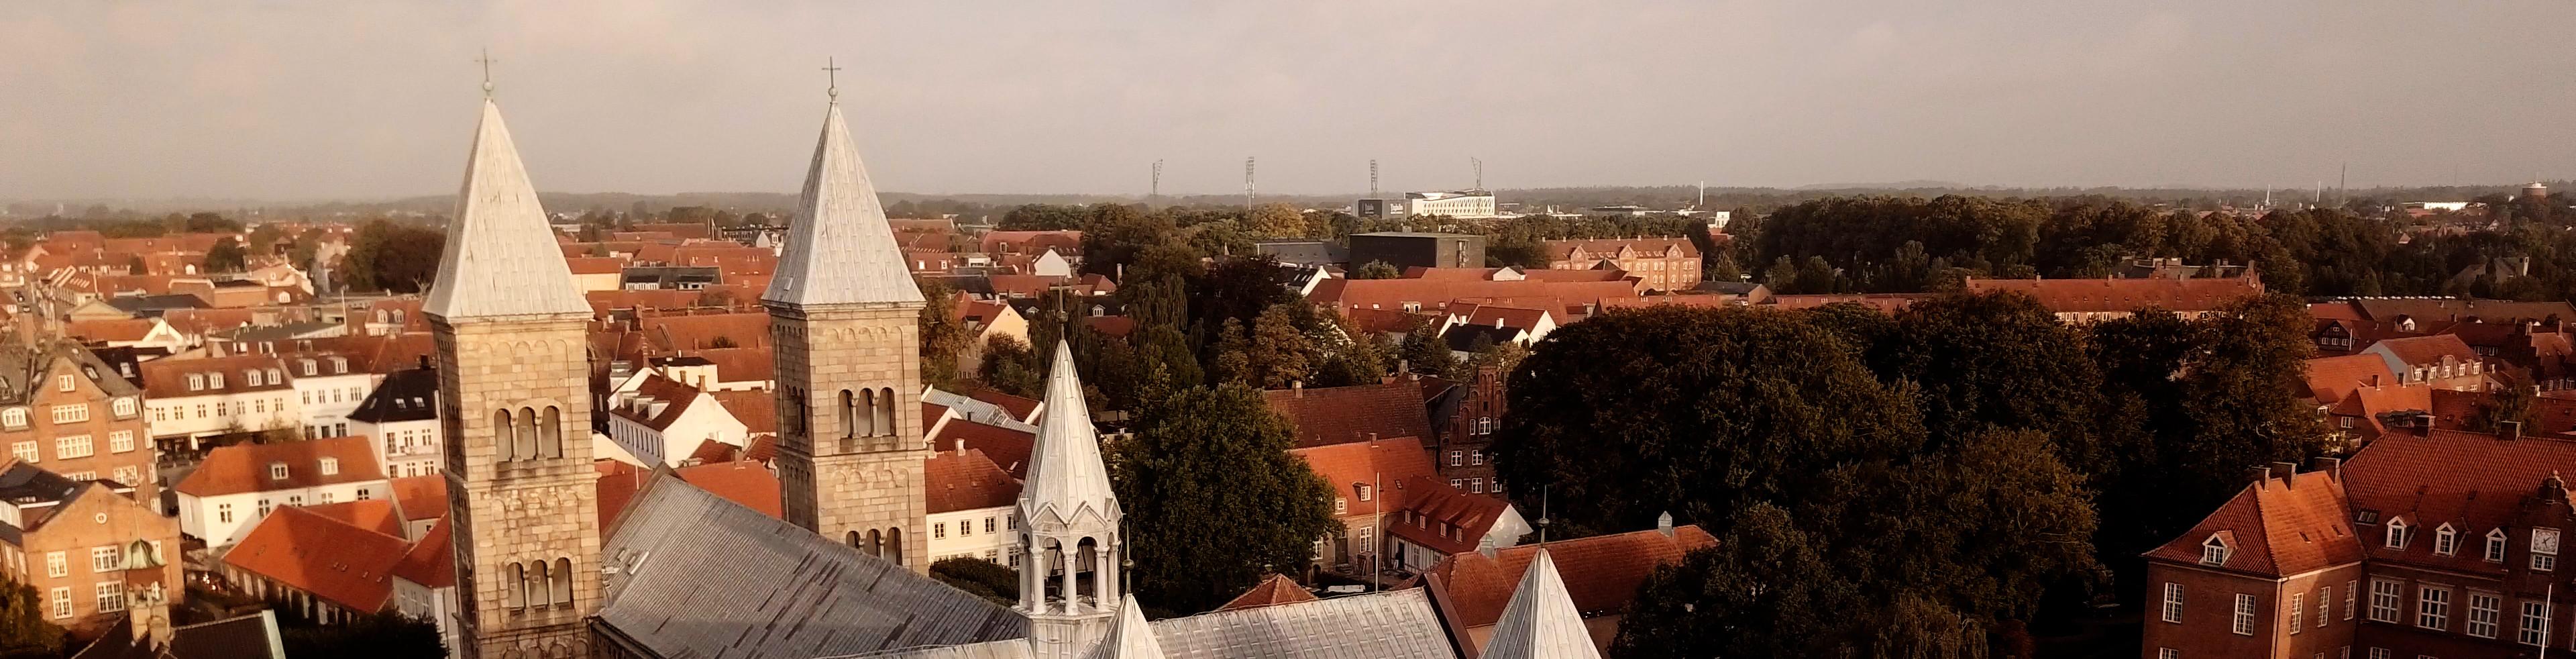 Luftbillede af Viborg Domkirke